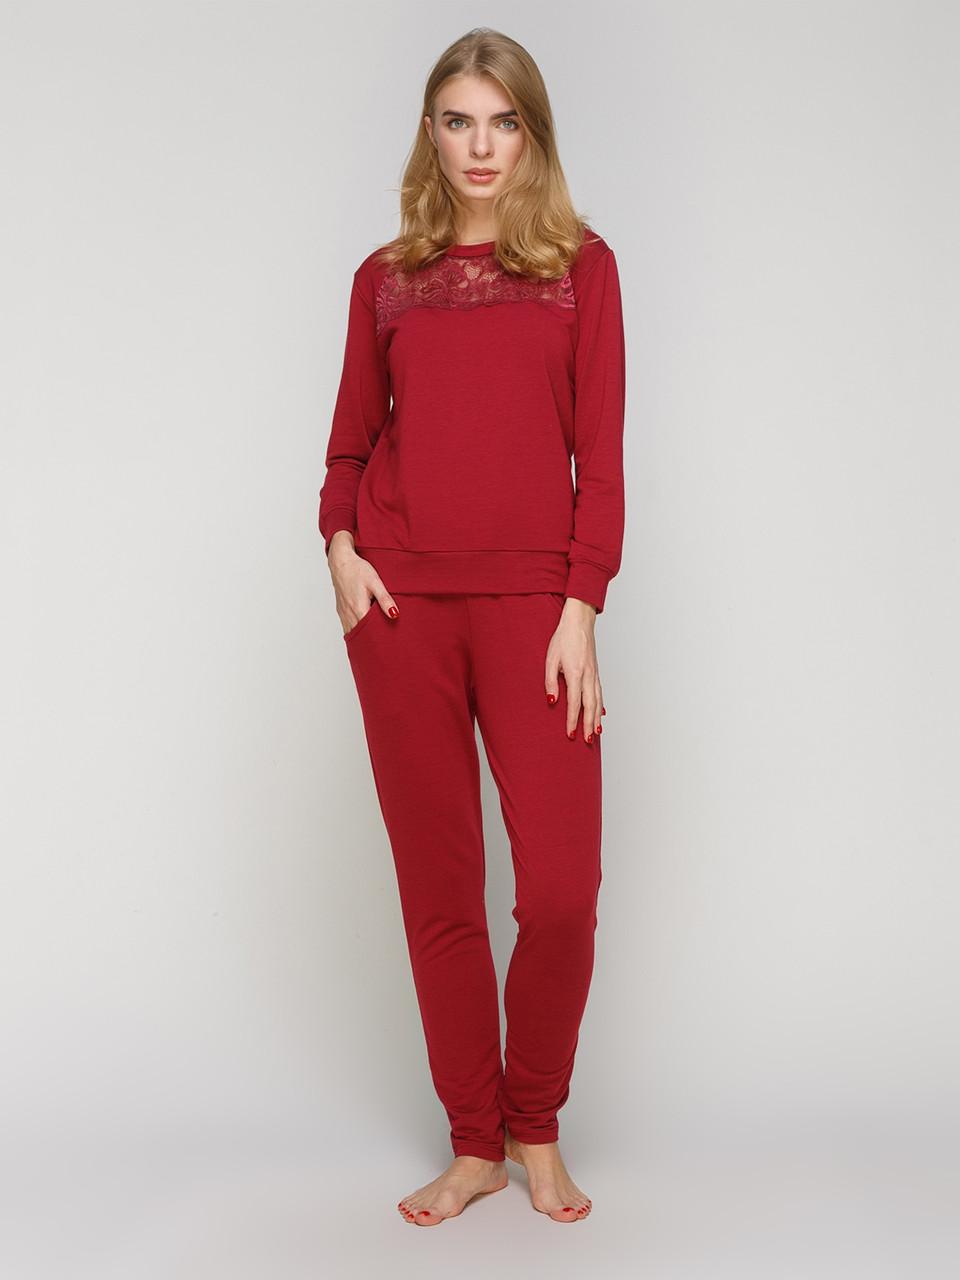 Женский домашний костюм Serenade бордовый с кружевом